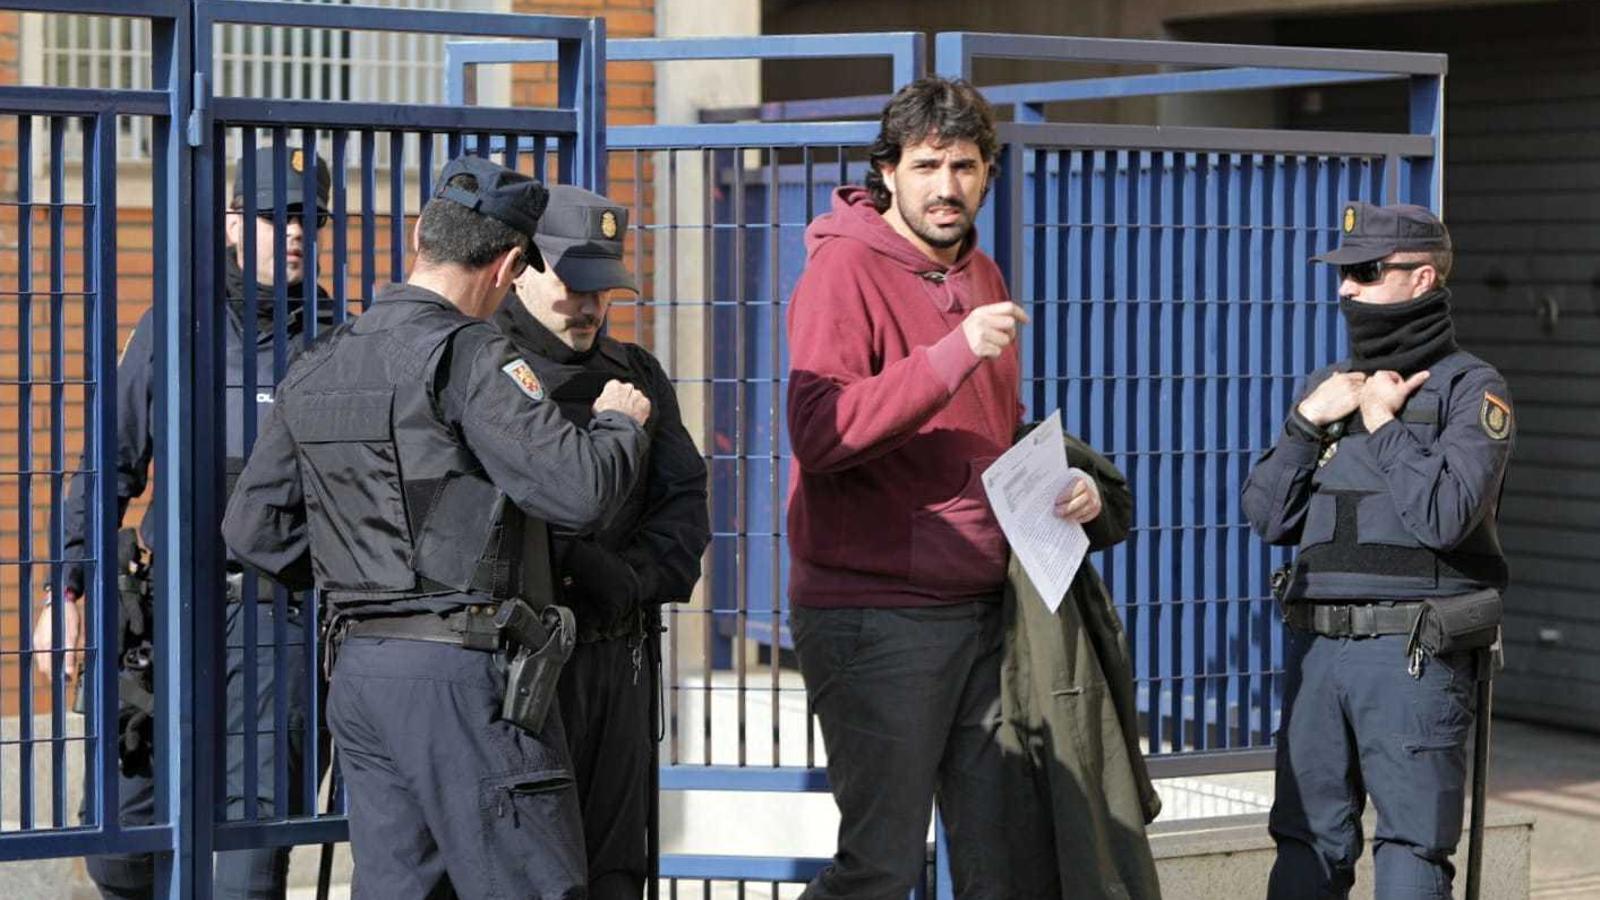 El Govern presentarà una denúncia per les detencions sense ordre judicial a Girona